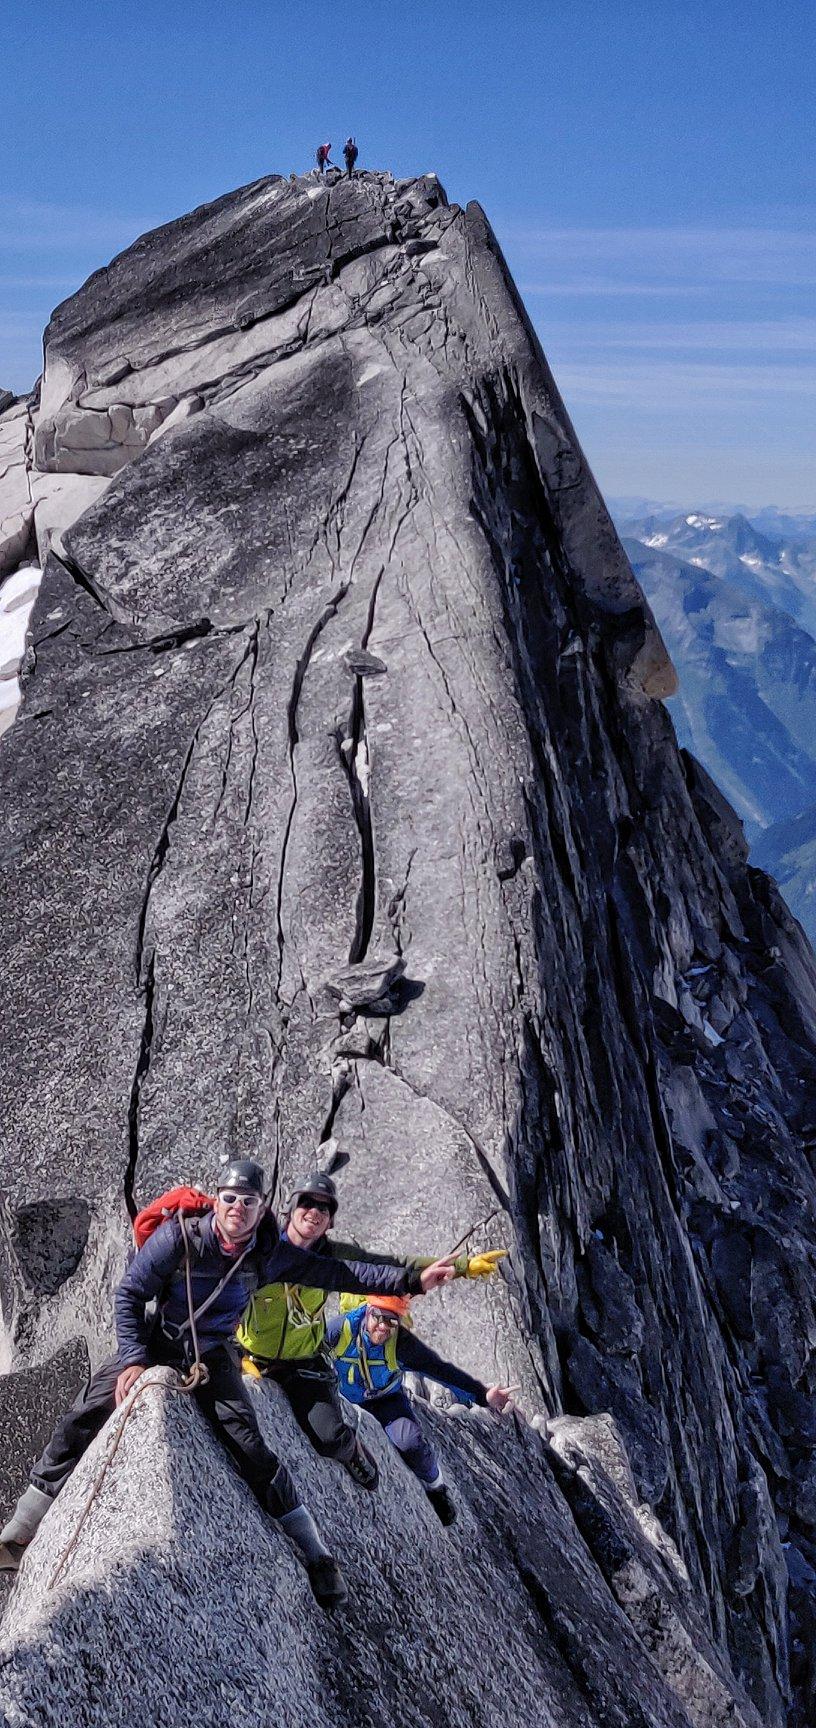 Rock climbing guiding